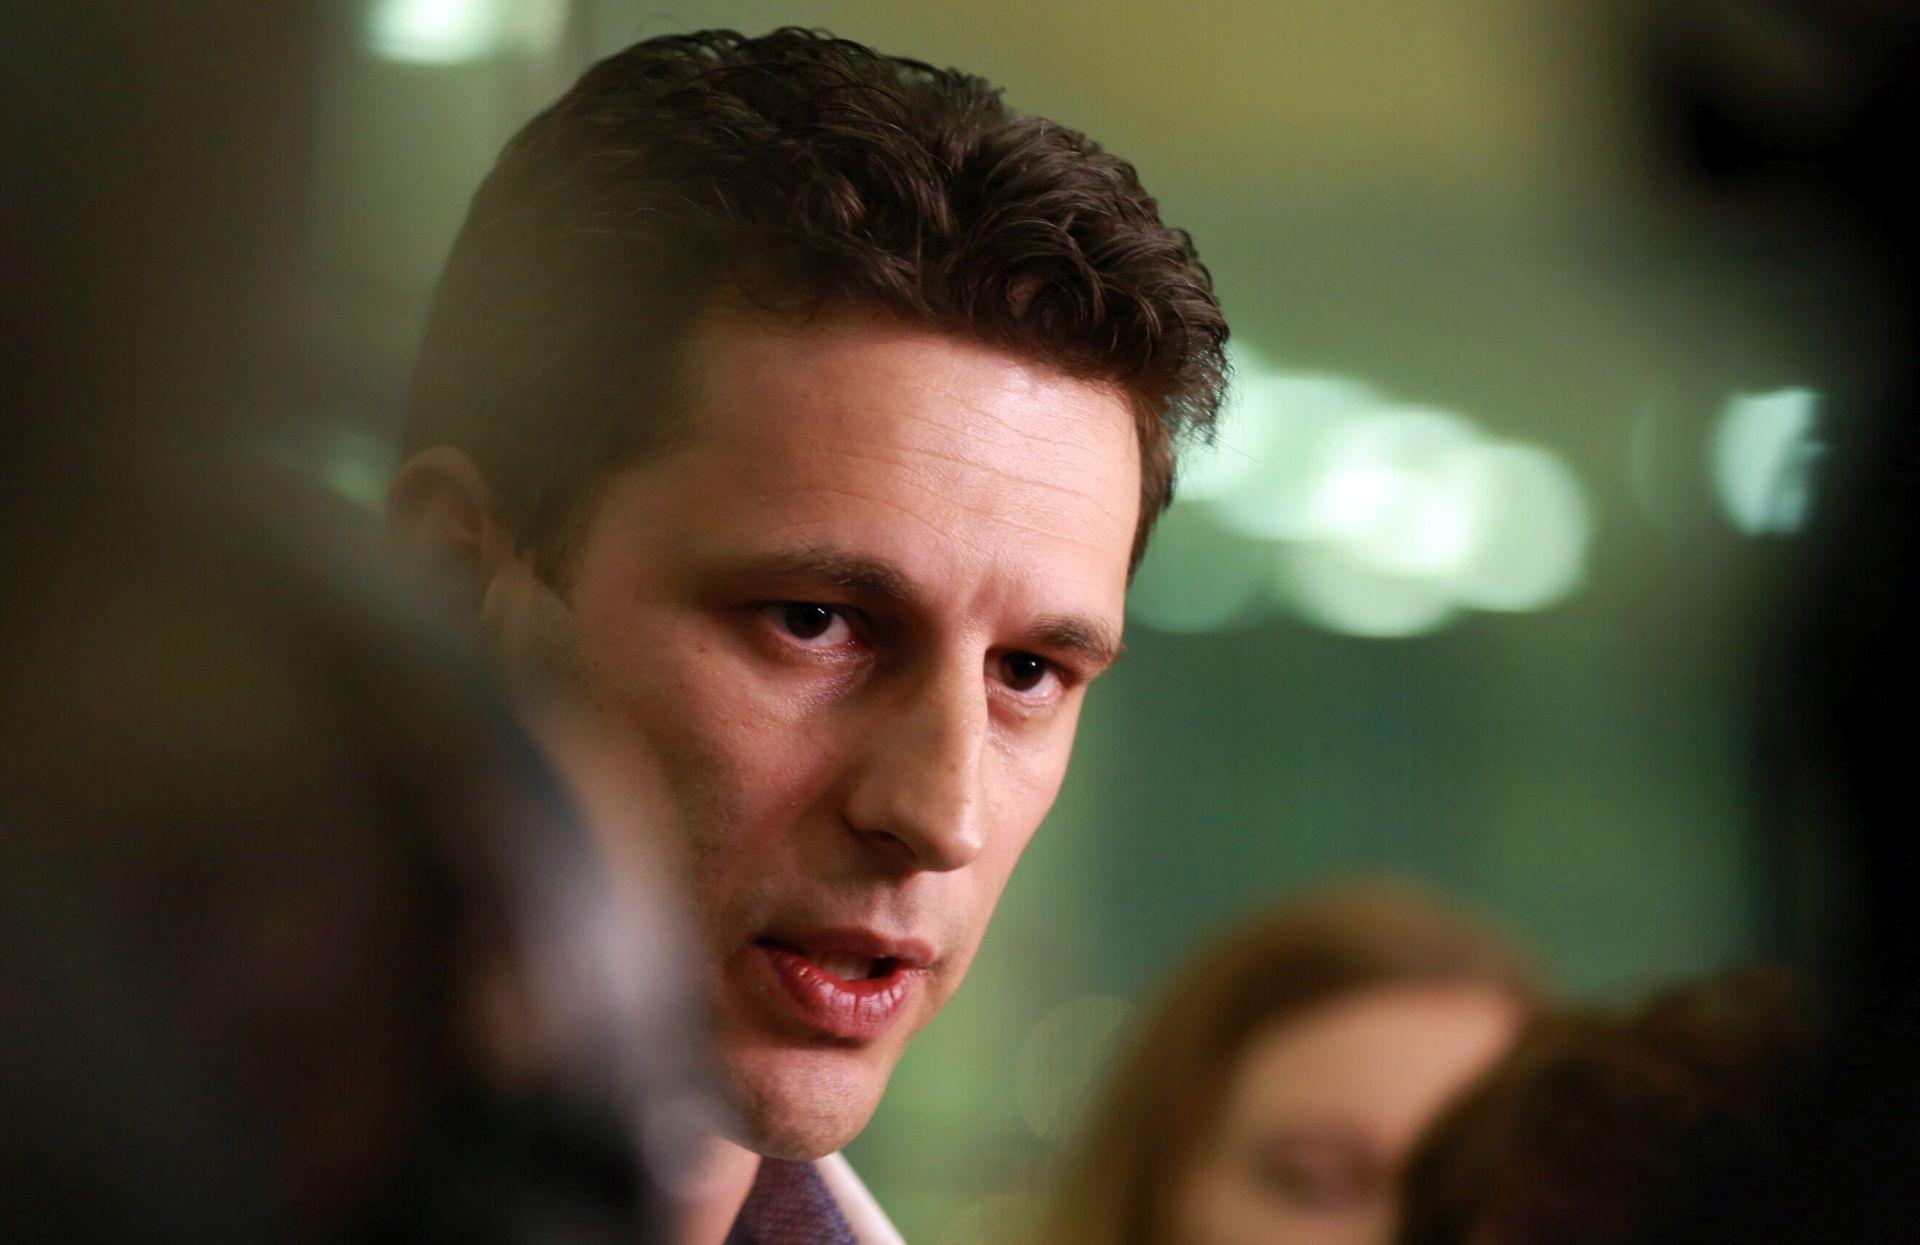 I DALJE ZA REFORMSKU VLADU Petrov: Obje koalicije suglasne oko prijedloga naših reformi